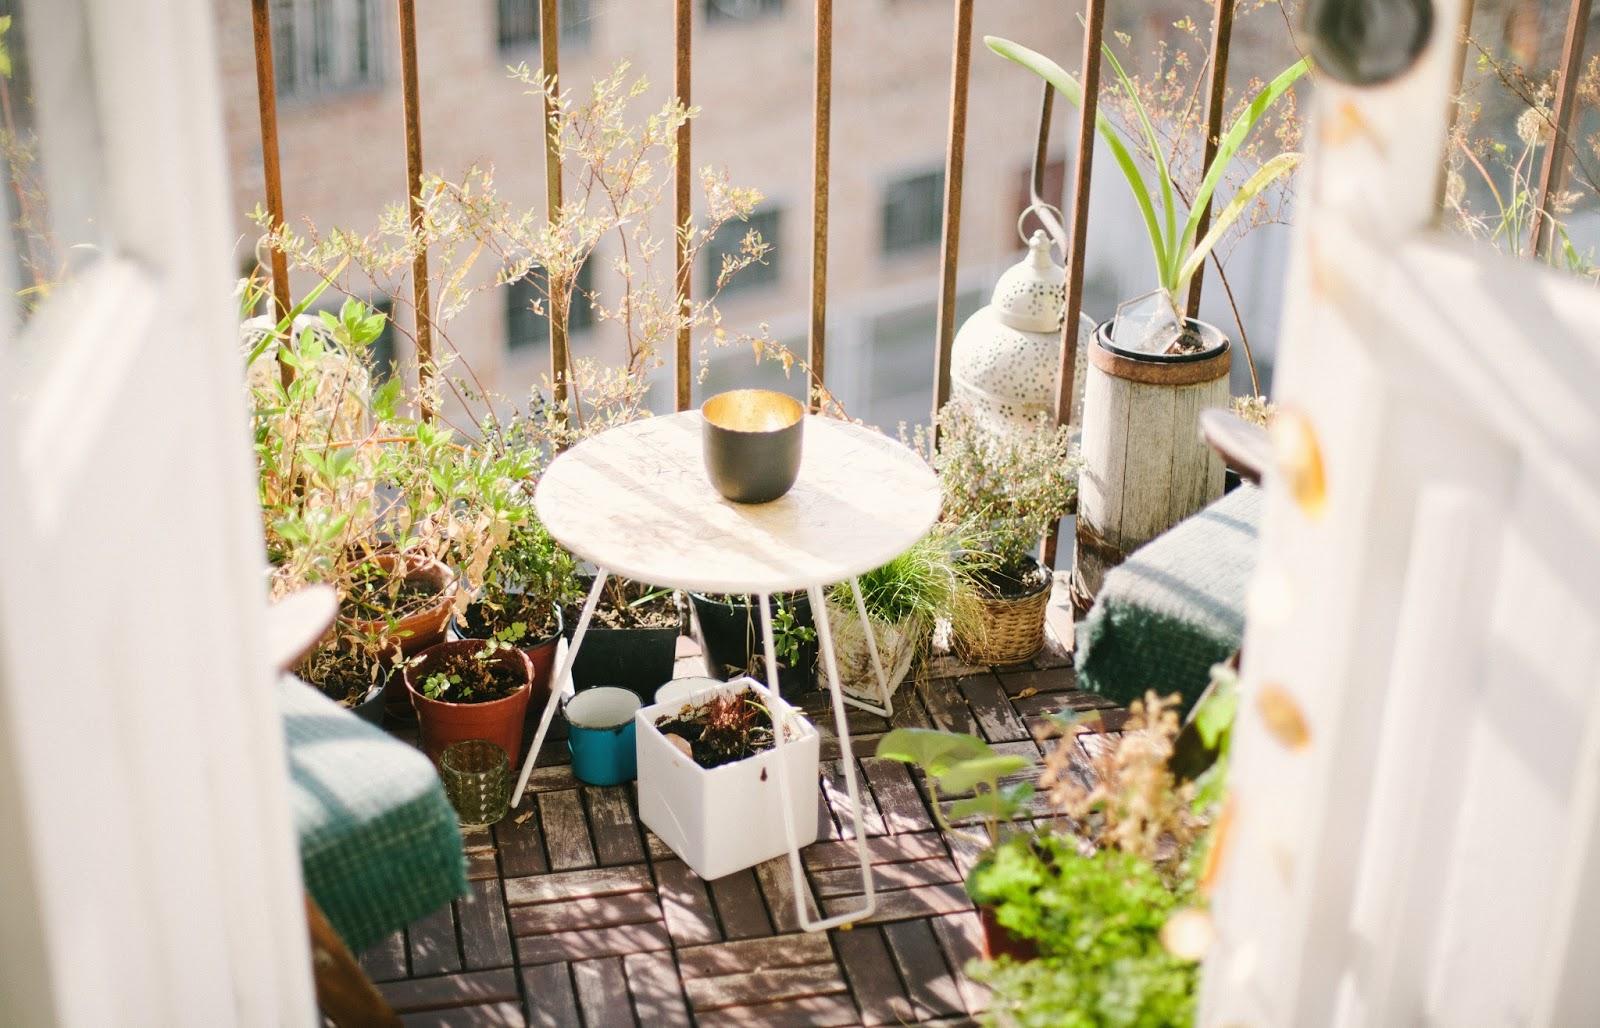 Uprawa i pielęgnacja roślin balkonowych